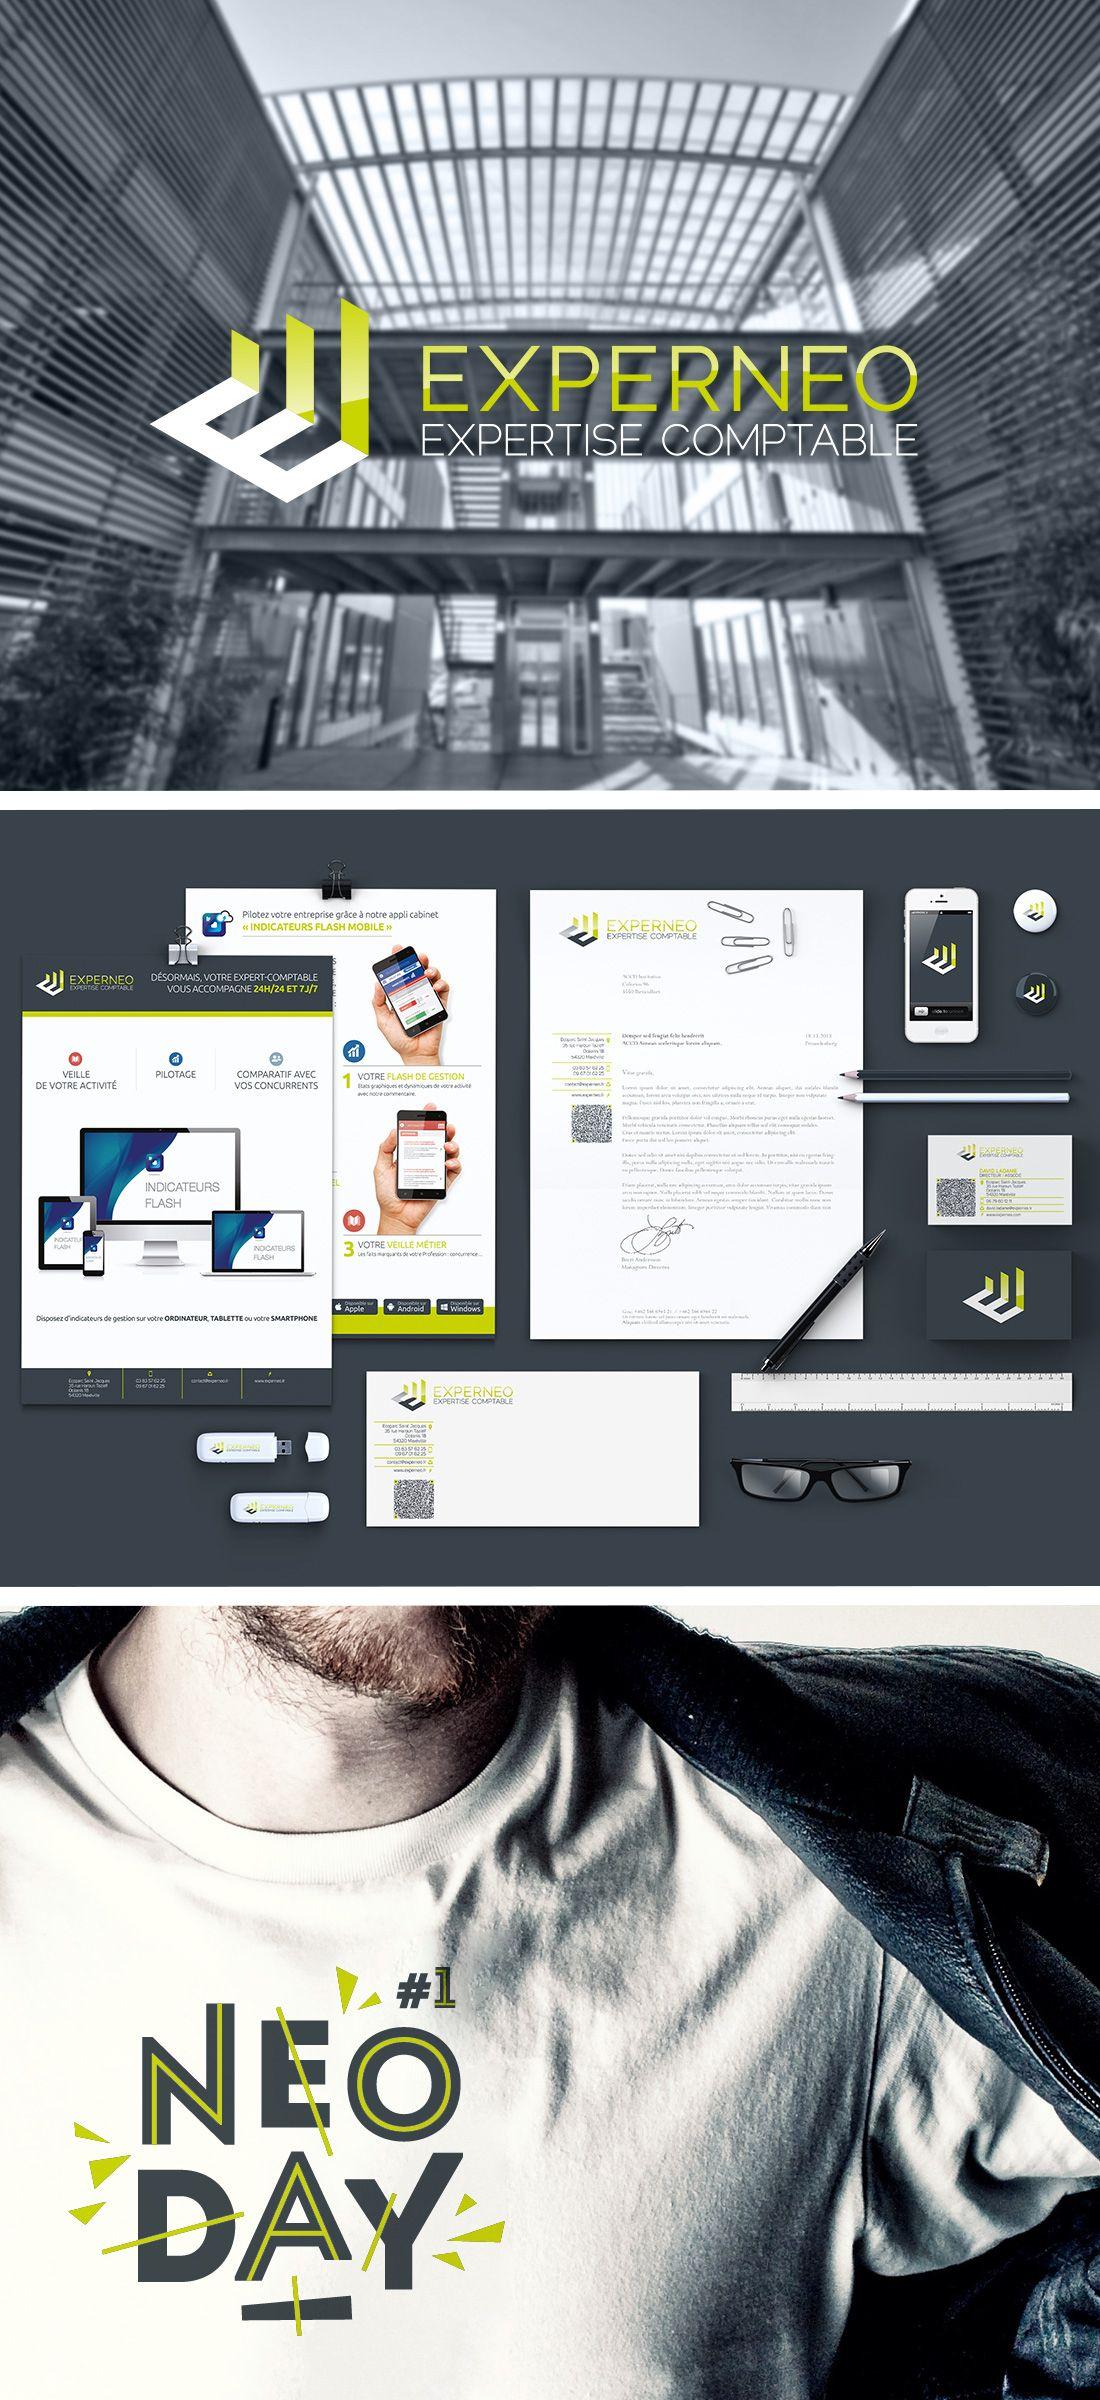 EXPERNEO est une société d'expertise comptable proposant des solutions innovantes à ses clients, dans les domaines de la comptabilité, la fiscalité, la gestion et la paie. Un concept fort, illustrée par une gamme de logiciels à la pointe de la technologie pour conduire les dirigeants de TPE/PME/PMI dans la réussite de leurs projets. Nous avons proposé à son dirigeant de déposer à l'INPI le nom EXPERNEO.